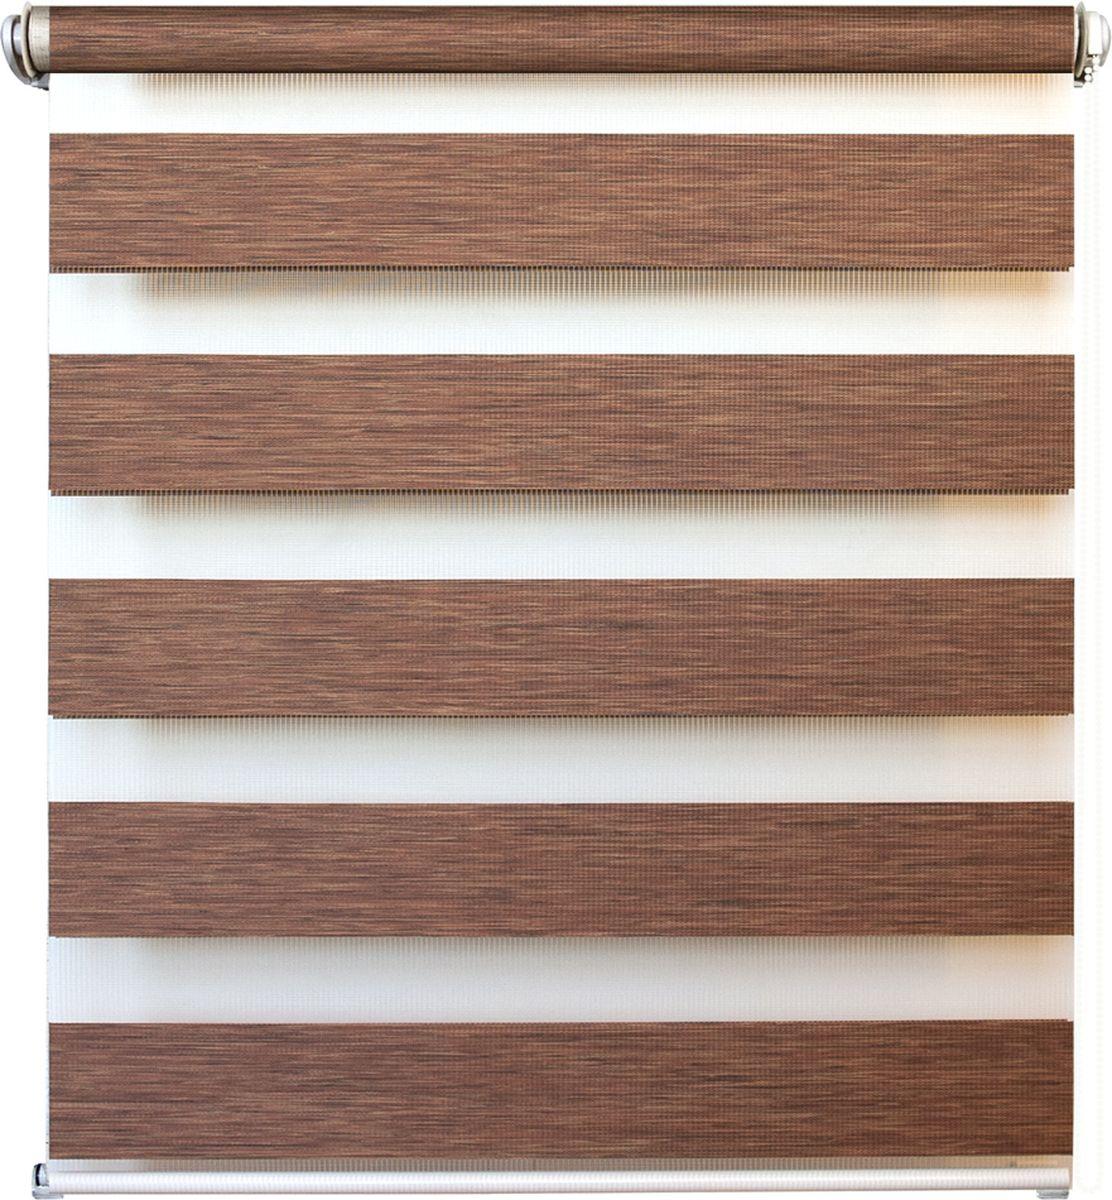 Штора рулонная день/ночь Уют Канзас, цвет: коричневый, 60 х 160 см62.РШТО.8922.060х160Штора рулонная день/ночь Уют Канзас выполнена из прочного полиэстера, в котором чередуются полосы различной плотности и фактуры. Управление двойным слоем ткани с помощью цепочки позволяет регулировать степень светопроницаемости шторы. Если совпали плотные полосы, то прозрачные будут открыты максимально. Это положение шторы называется День. Максимальное затемнение помещения достигается при полном совпадении полос разных фактур. Это положение шторы называется Ночь. Конструкция шторы также позволяет полностью свернуть полотно, обеспечив максимальное открытие окна. Рулонная штора - это разновидность штор, которая закрывает не весь оконный проем, а непосредственно само стекло. Такая штора очень компактна, что помогает сэкономить пространство. Универсальная конструкция позволяет монтировать штору на стену, потолок, деревянные или пластиковые рамы окон. В комплект входят кронштейны и нижний утяжелитель. Возможна установка с управлением цепочкой как справа, так и...